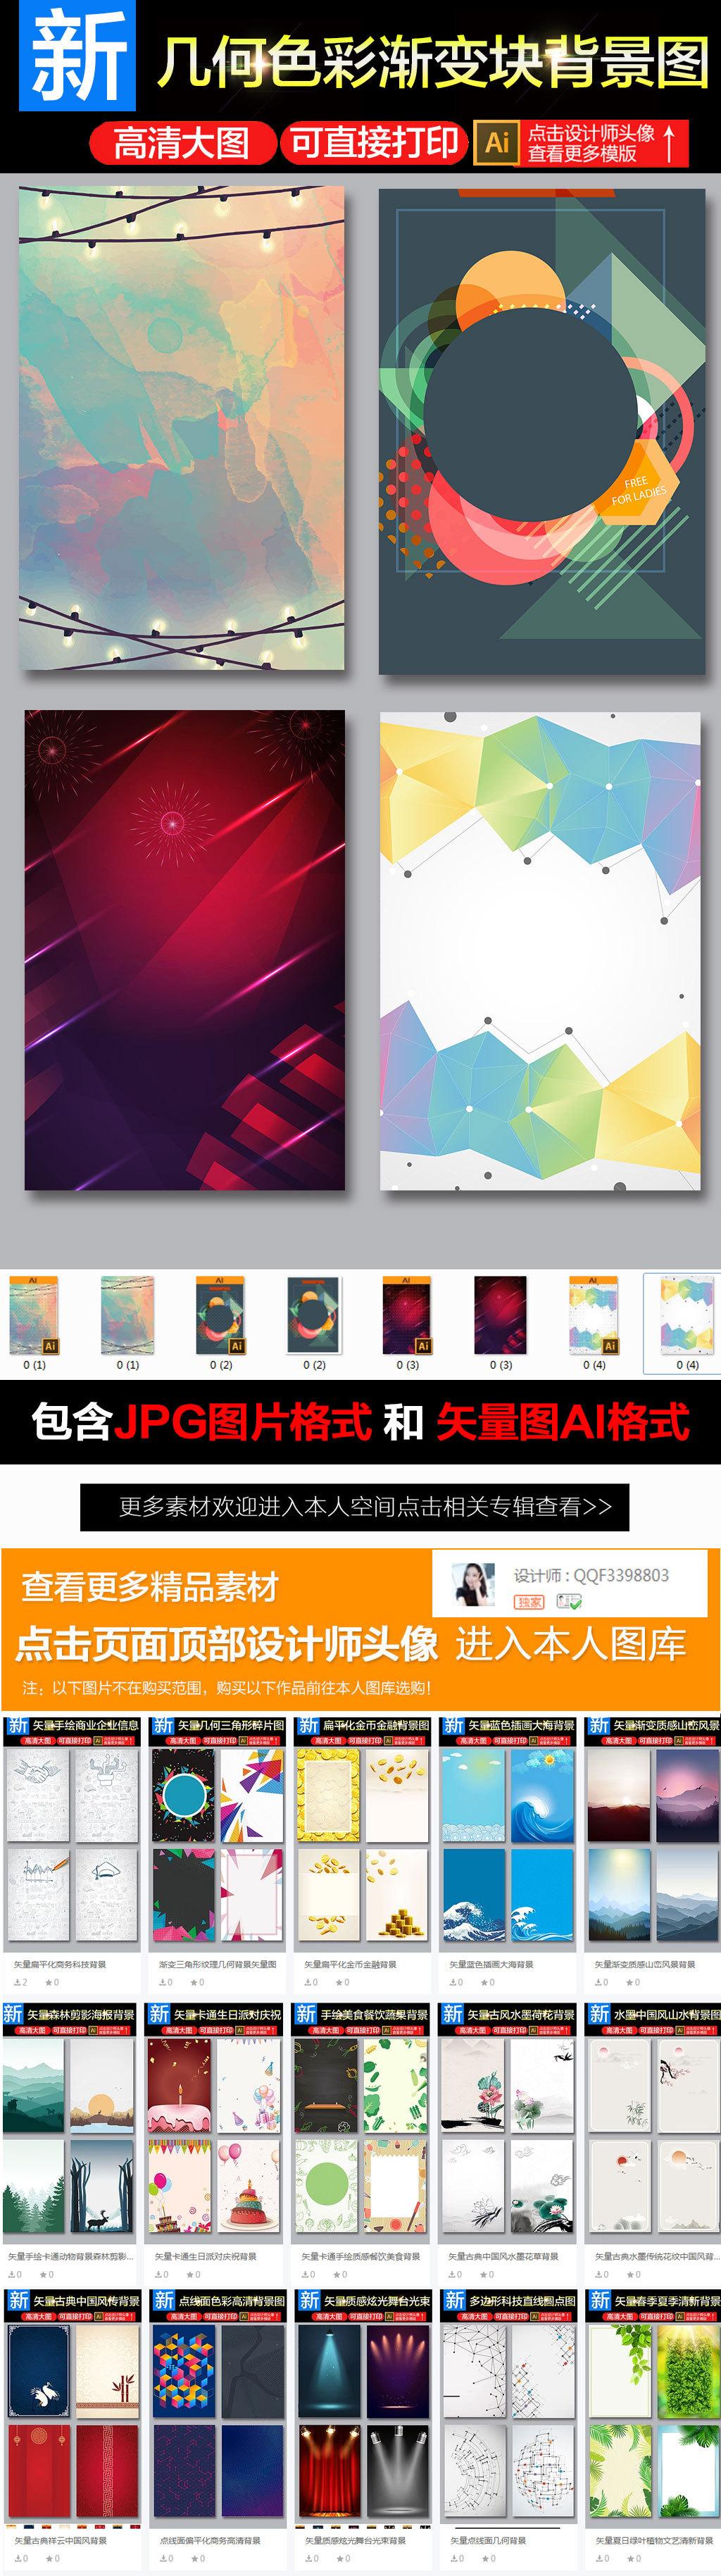 平面|广告设计 海报设计 海报背景图 > 色彩渐变立体方块几何海报背景